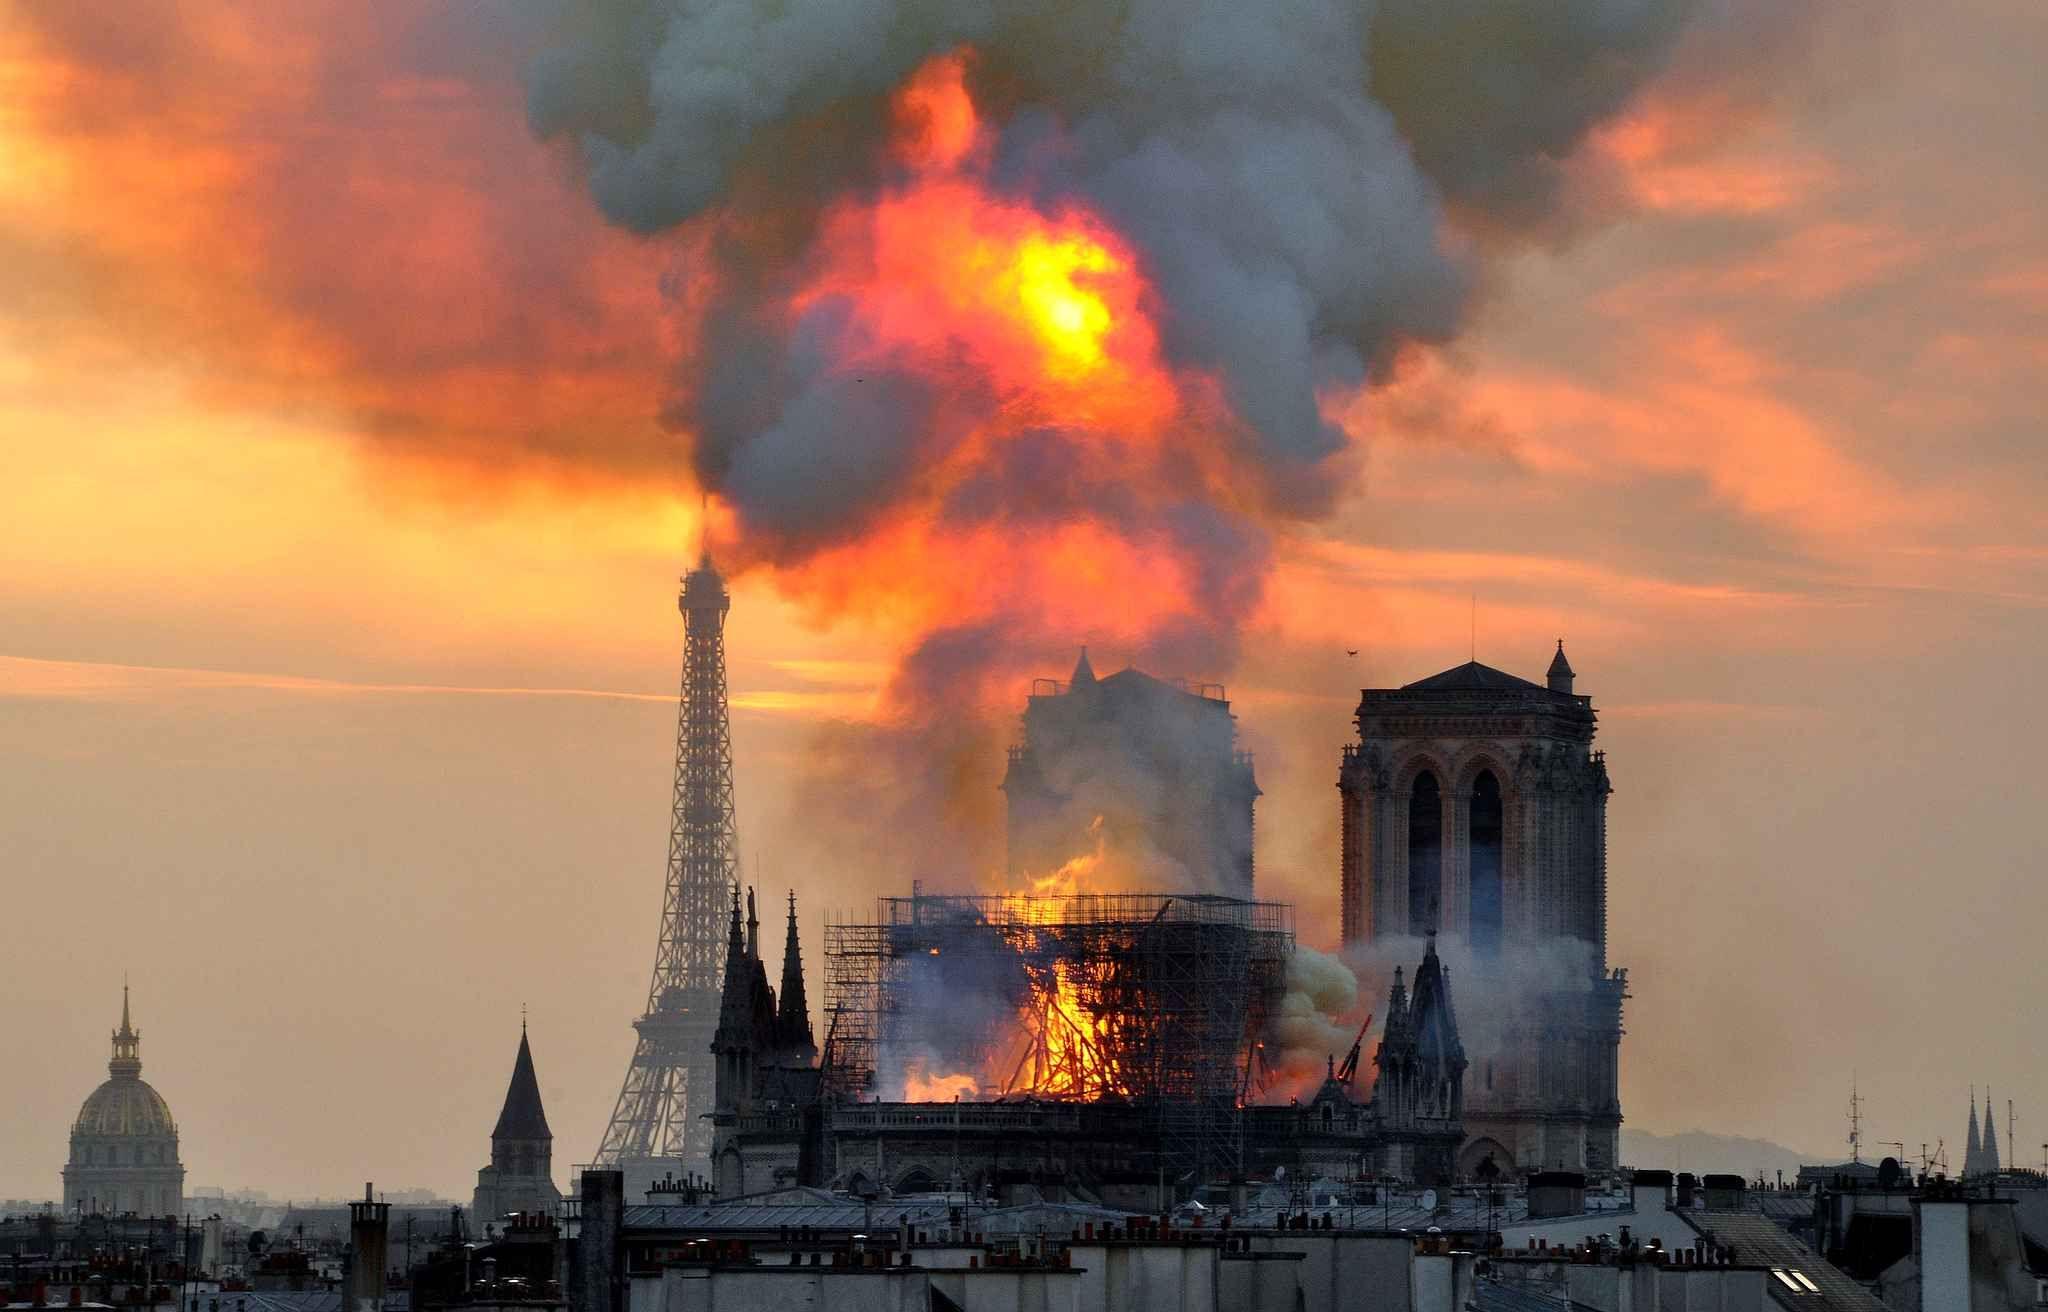 24 heures en images Notre dame de paris cathédrale, La